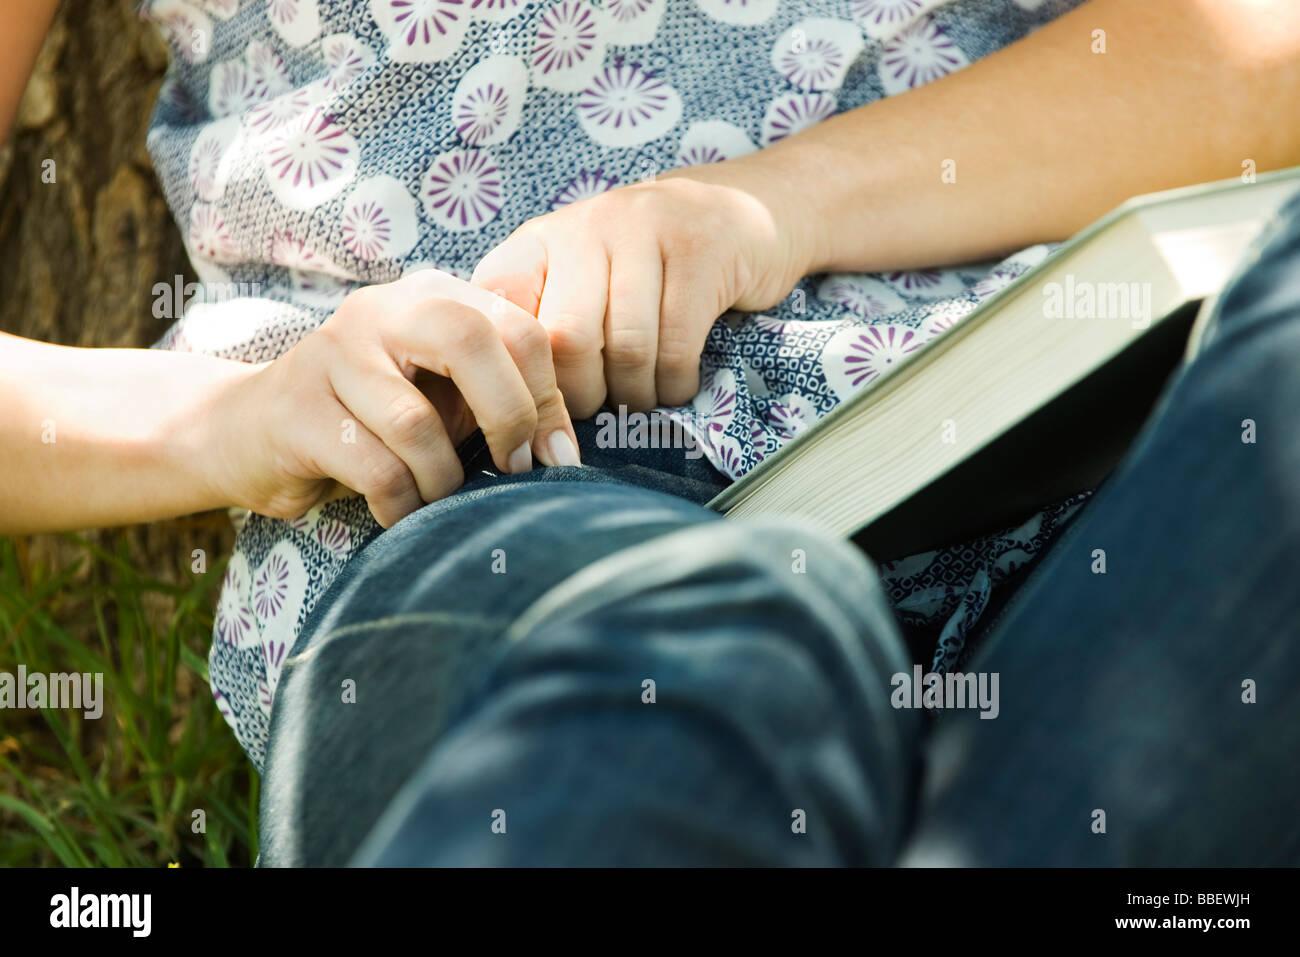 Jeune femme assise sur le sol avec le livre sur les genoux, pour atteindre quelque chose dans la poche Photo Stock